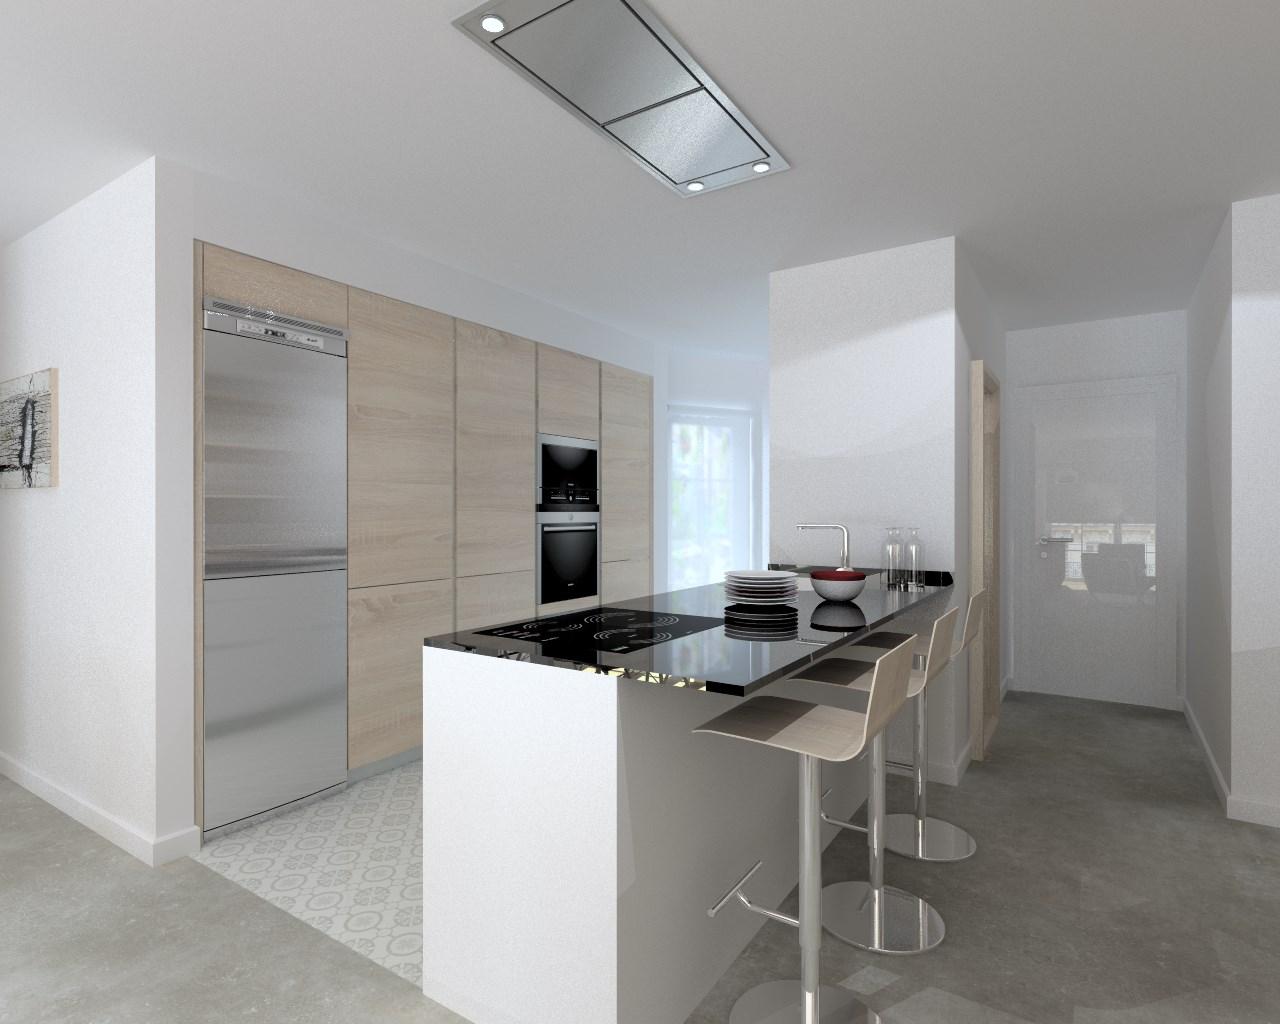 Cocina santos modelo line e blanco encimera granito negro Cocina blanca encimera granito negra